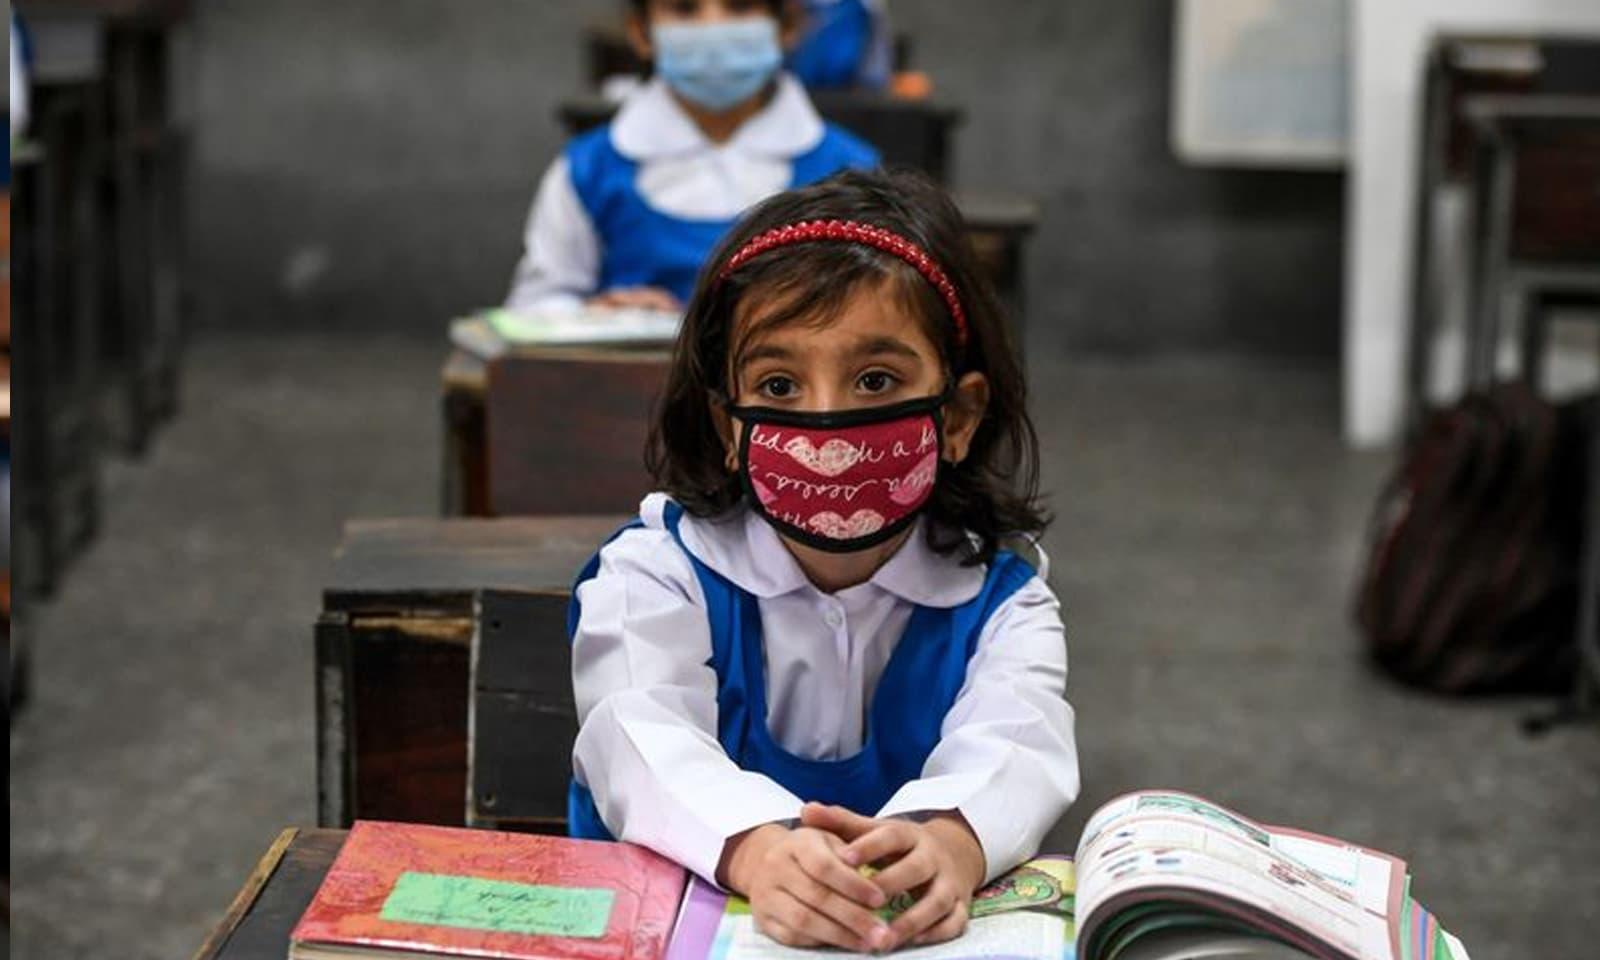 پاکستان میں کورونا کے باعث 7 ماہ سے بند پرائمری اسکولز بھی کھل گئے